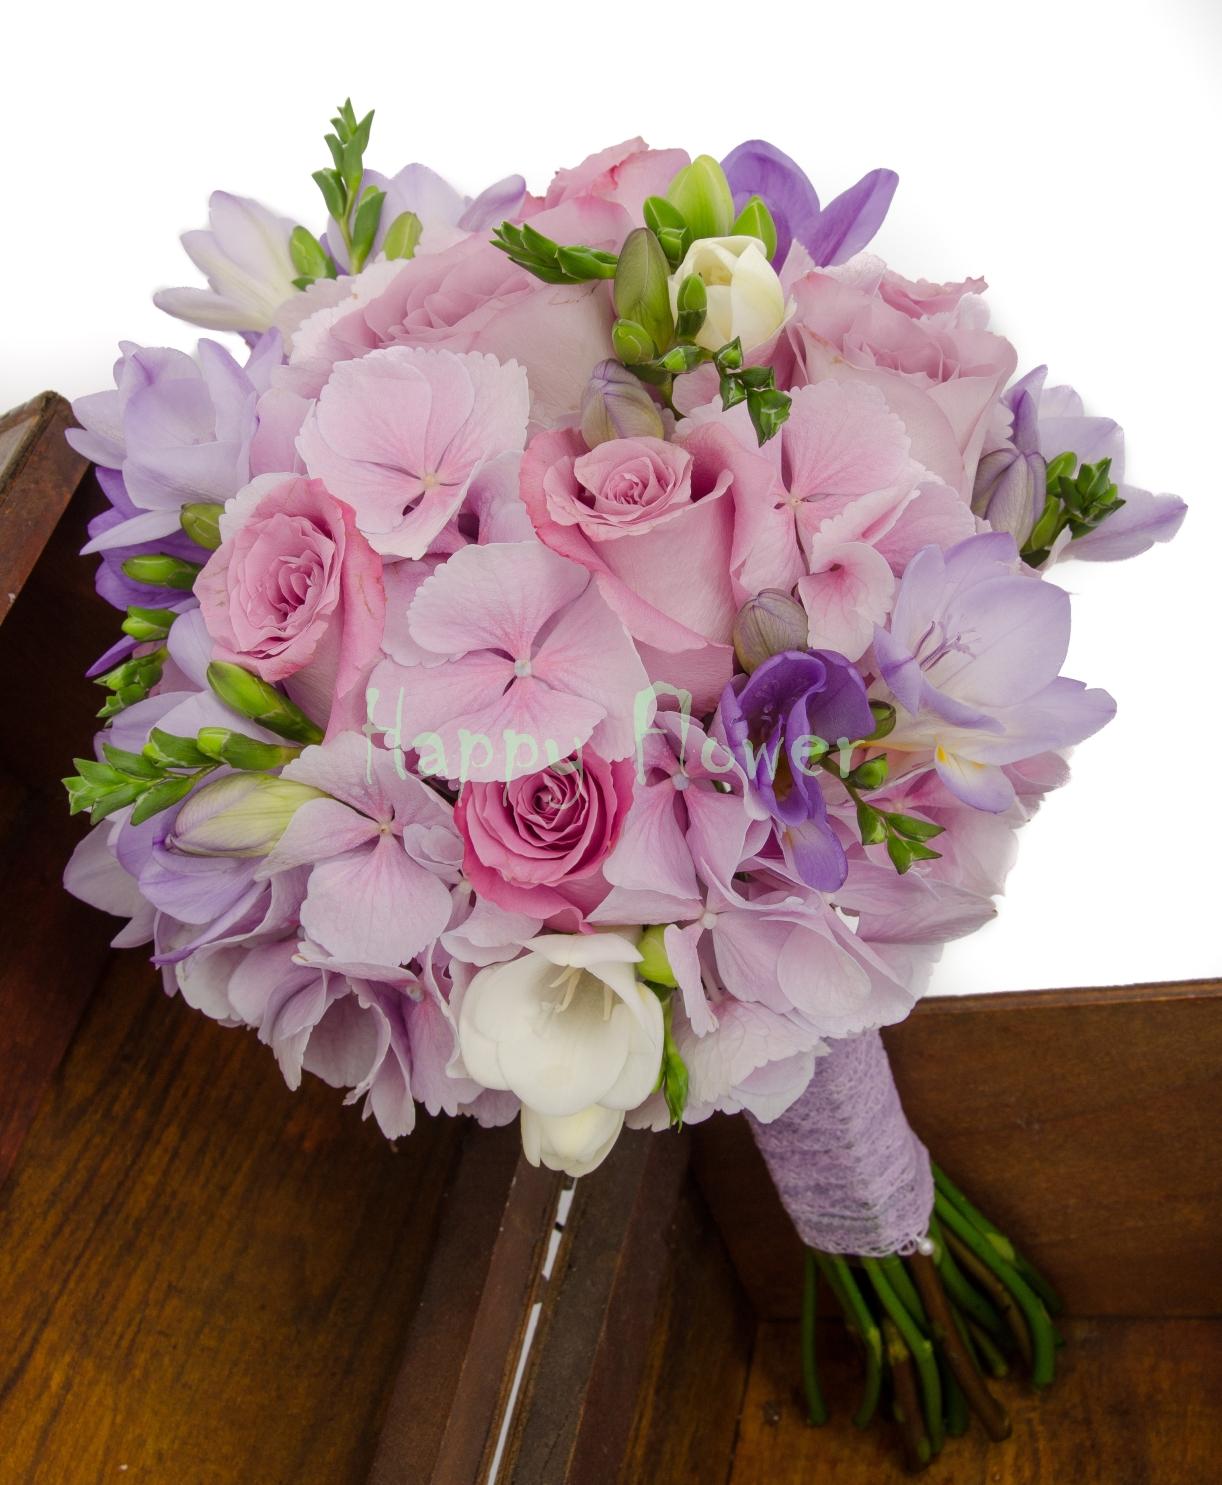 Buchet Mireasa Hortensii Roz Trandafiri Frezii Happy Flower